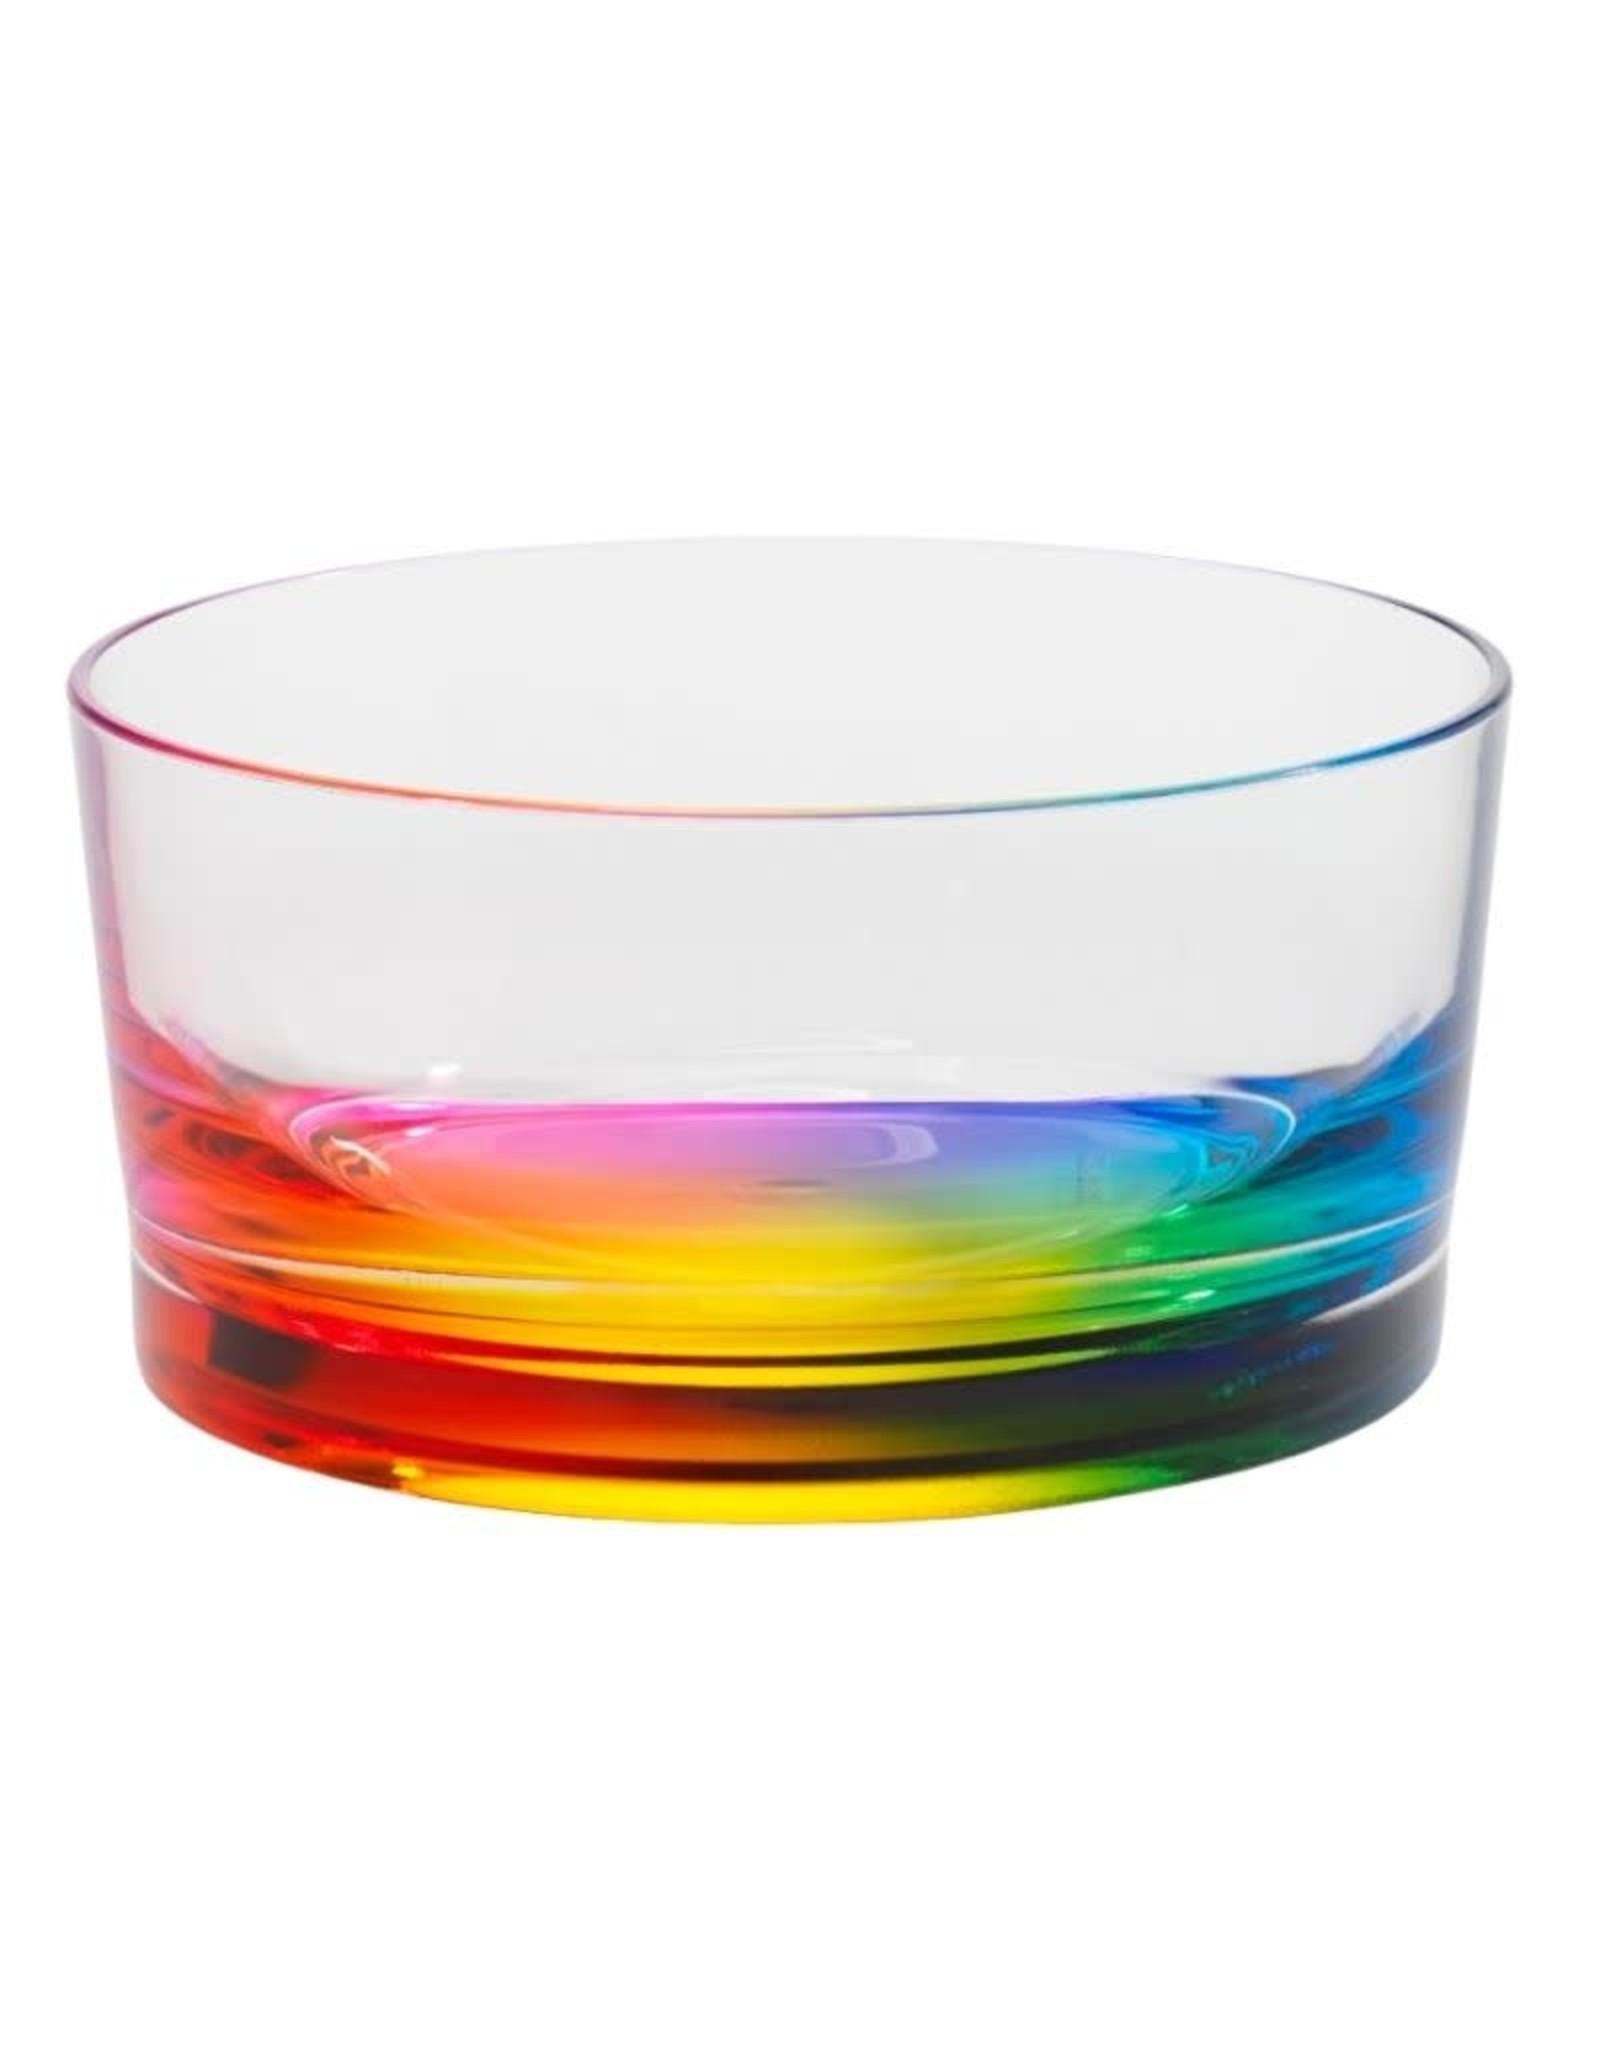 Teardrop  6 in. Salad  Bowl Rainbow